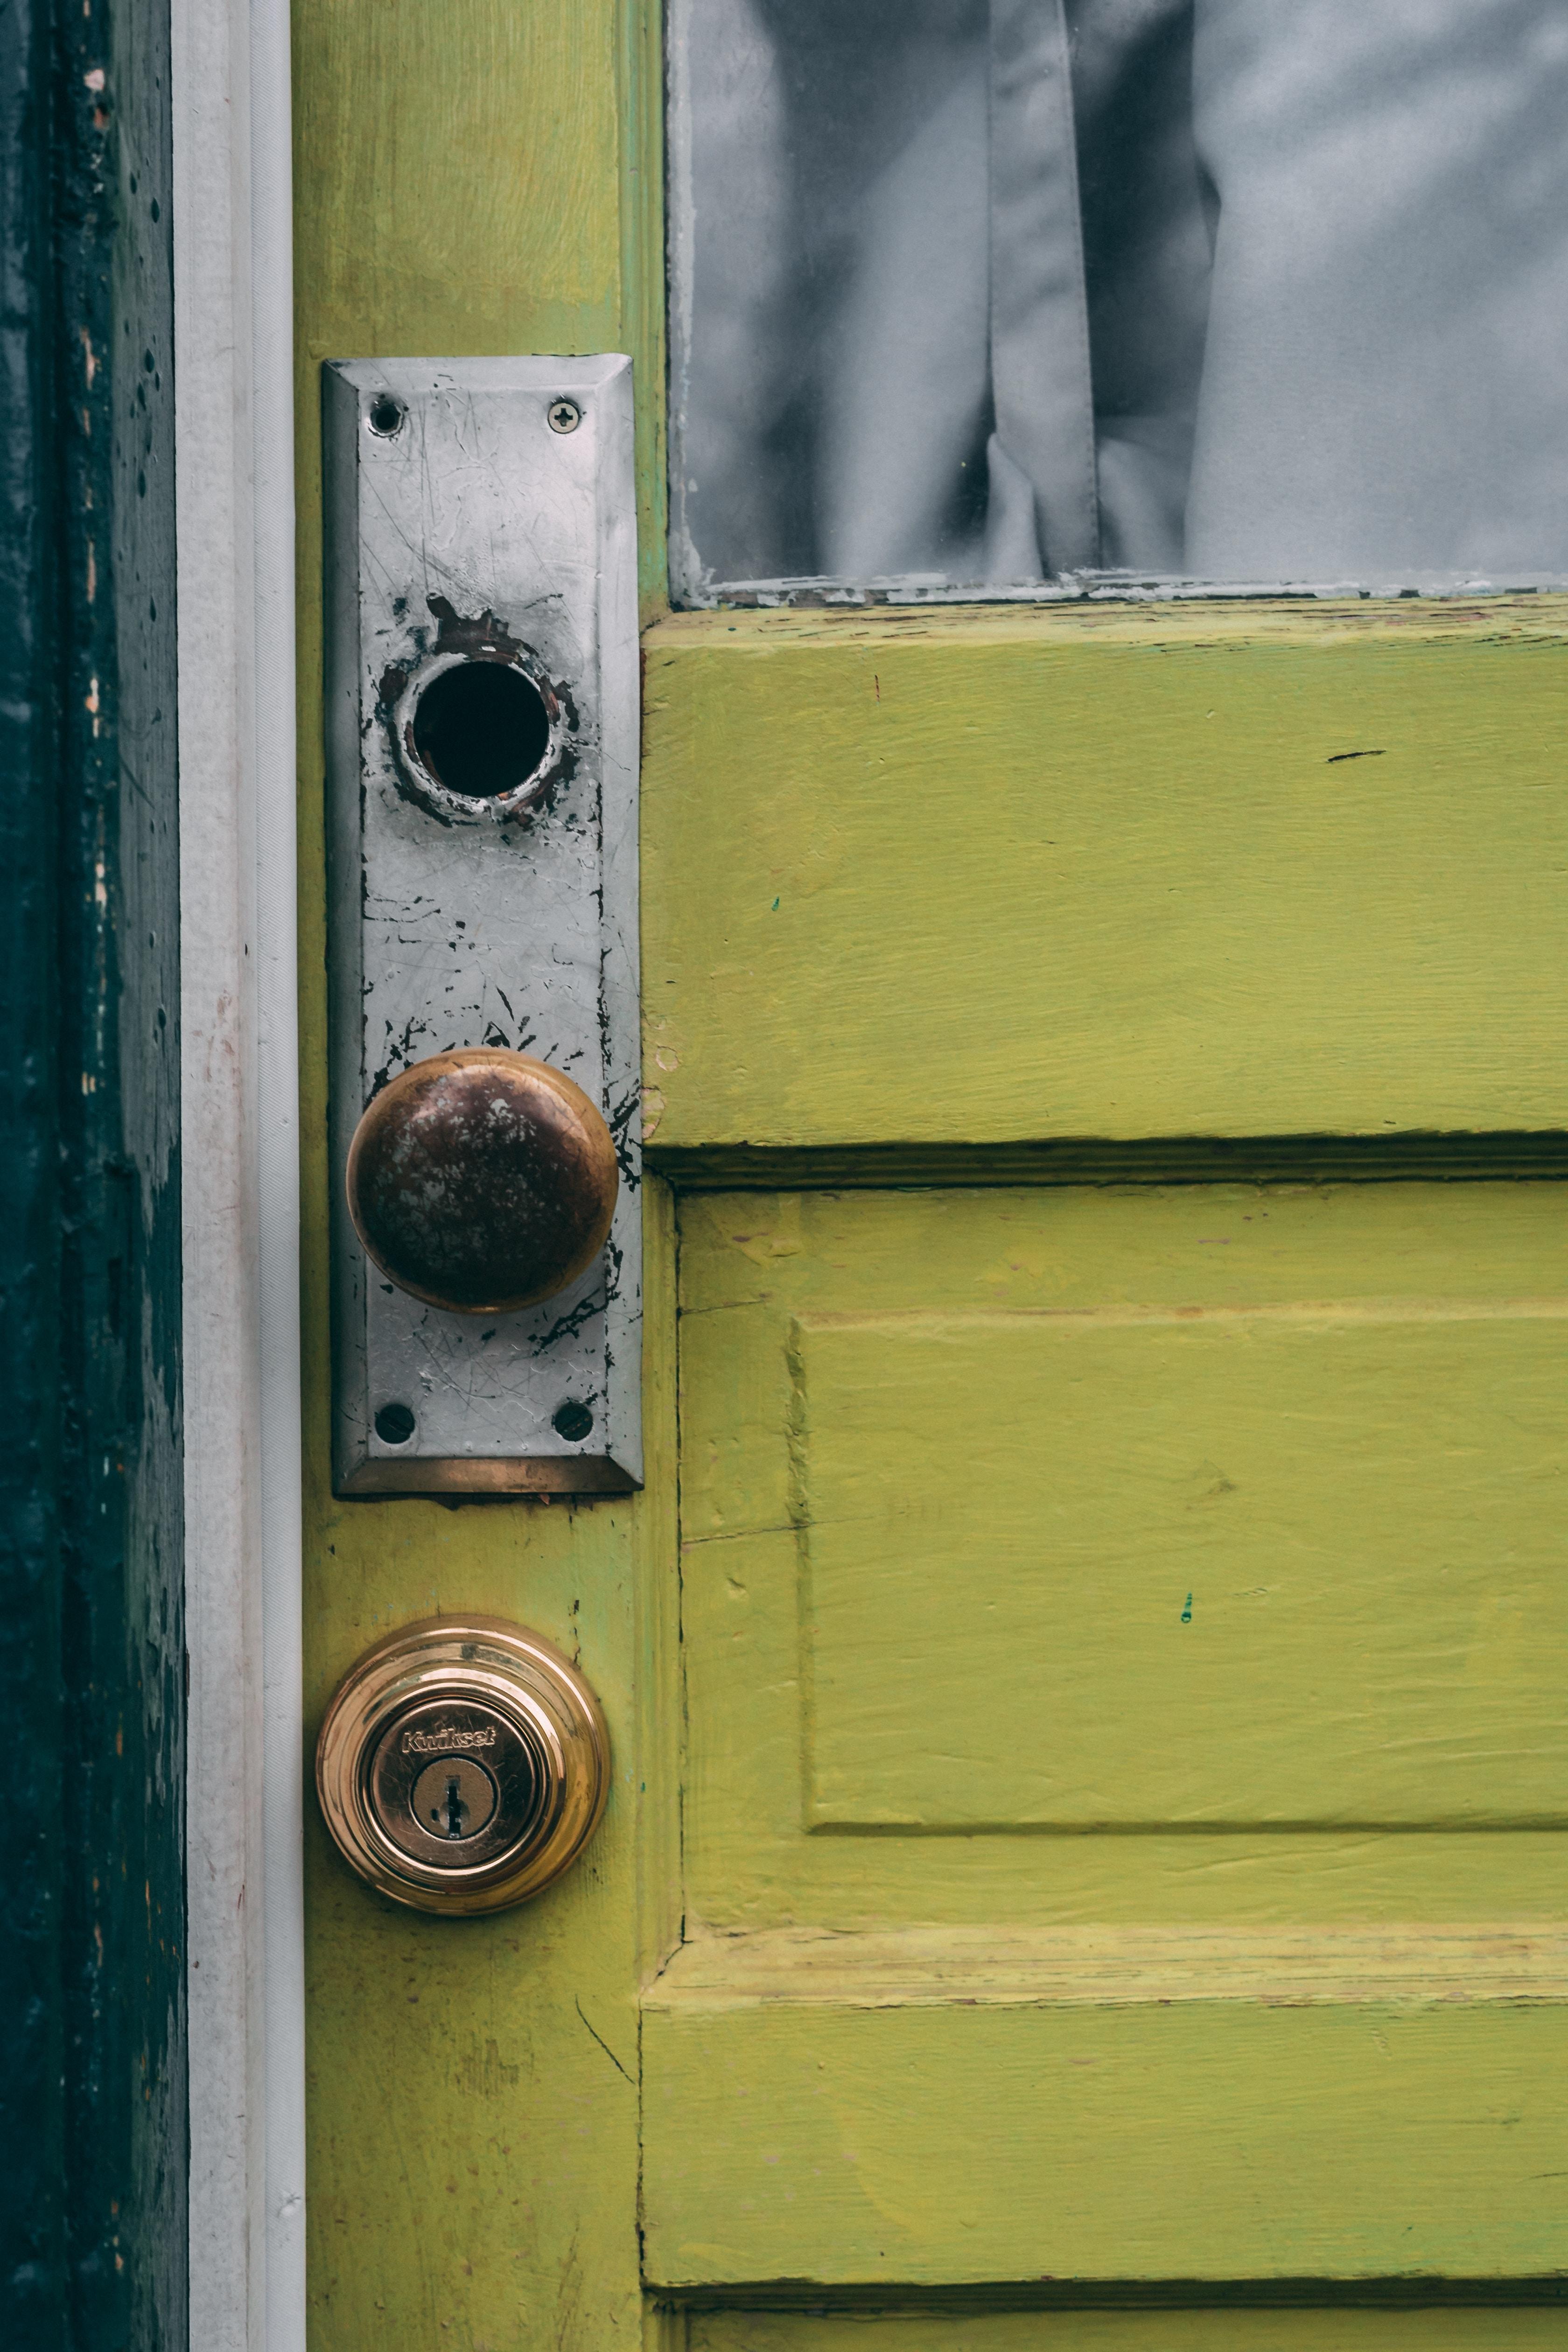 brown door knob in green wooden door